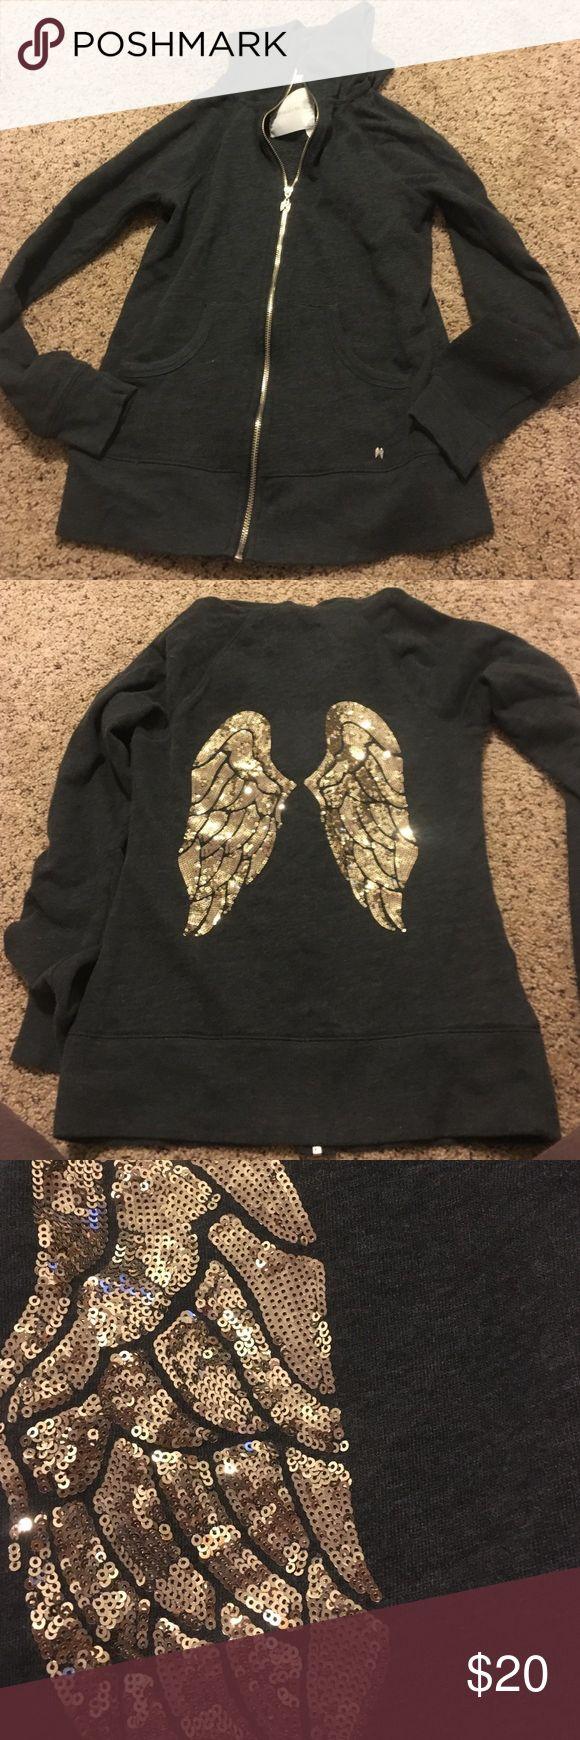 Victoria's Secret soft hoodie Zip up. Sequin angel wings. Dark gray with gold wings Victoria's Secret Tops Sweatshirts & Hoodies